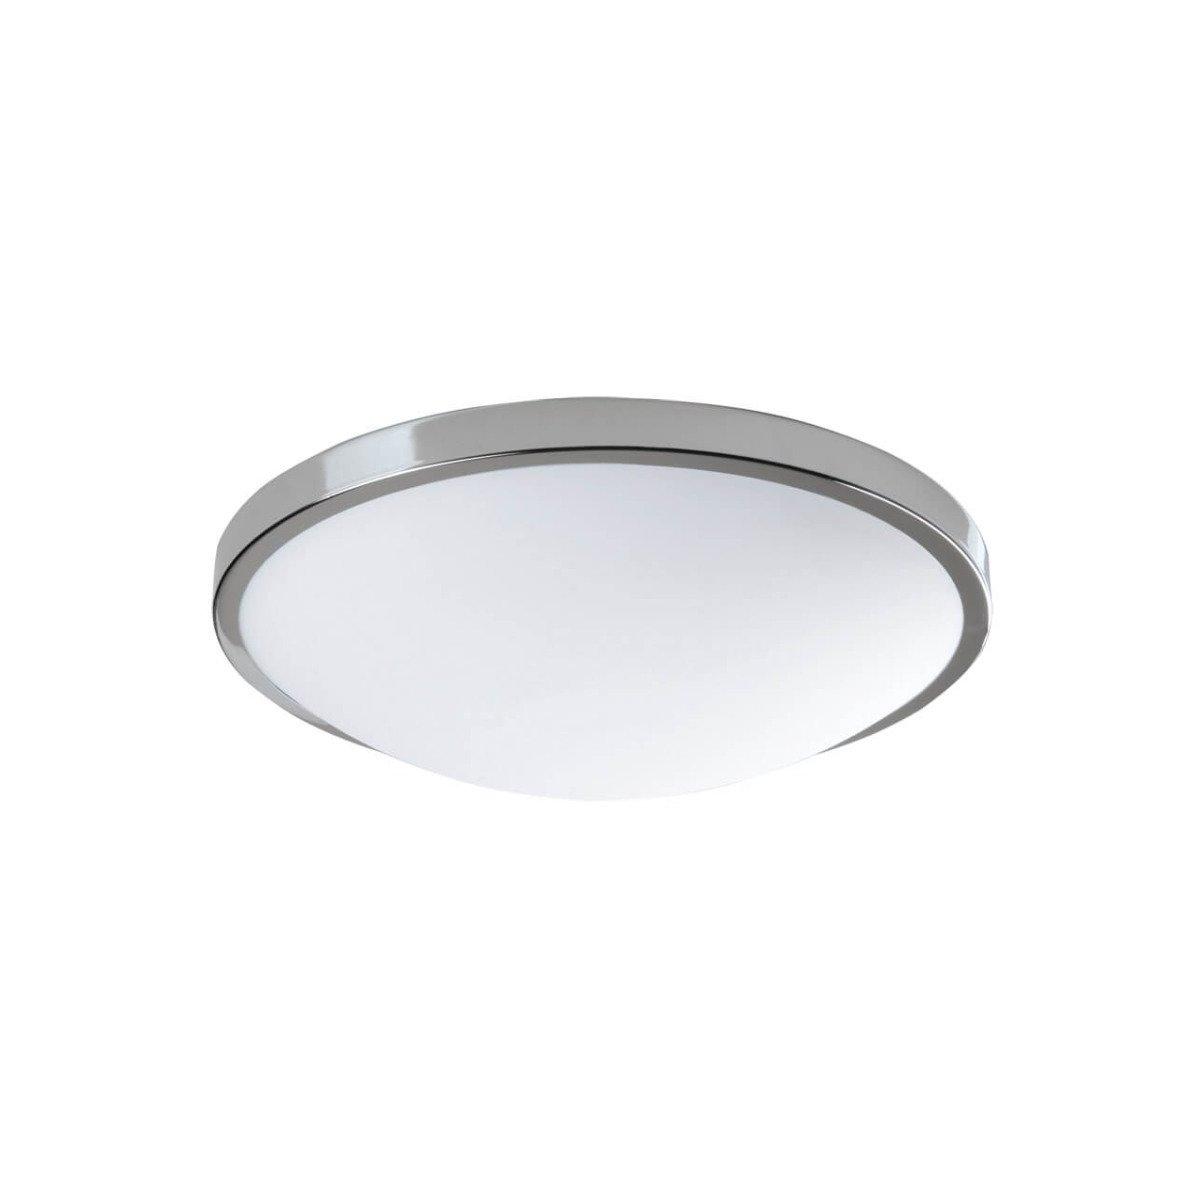 Rzb deckenleuchte rund chrom glas opal matt f r e27 for Deckenleuchte glas